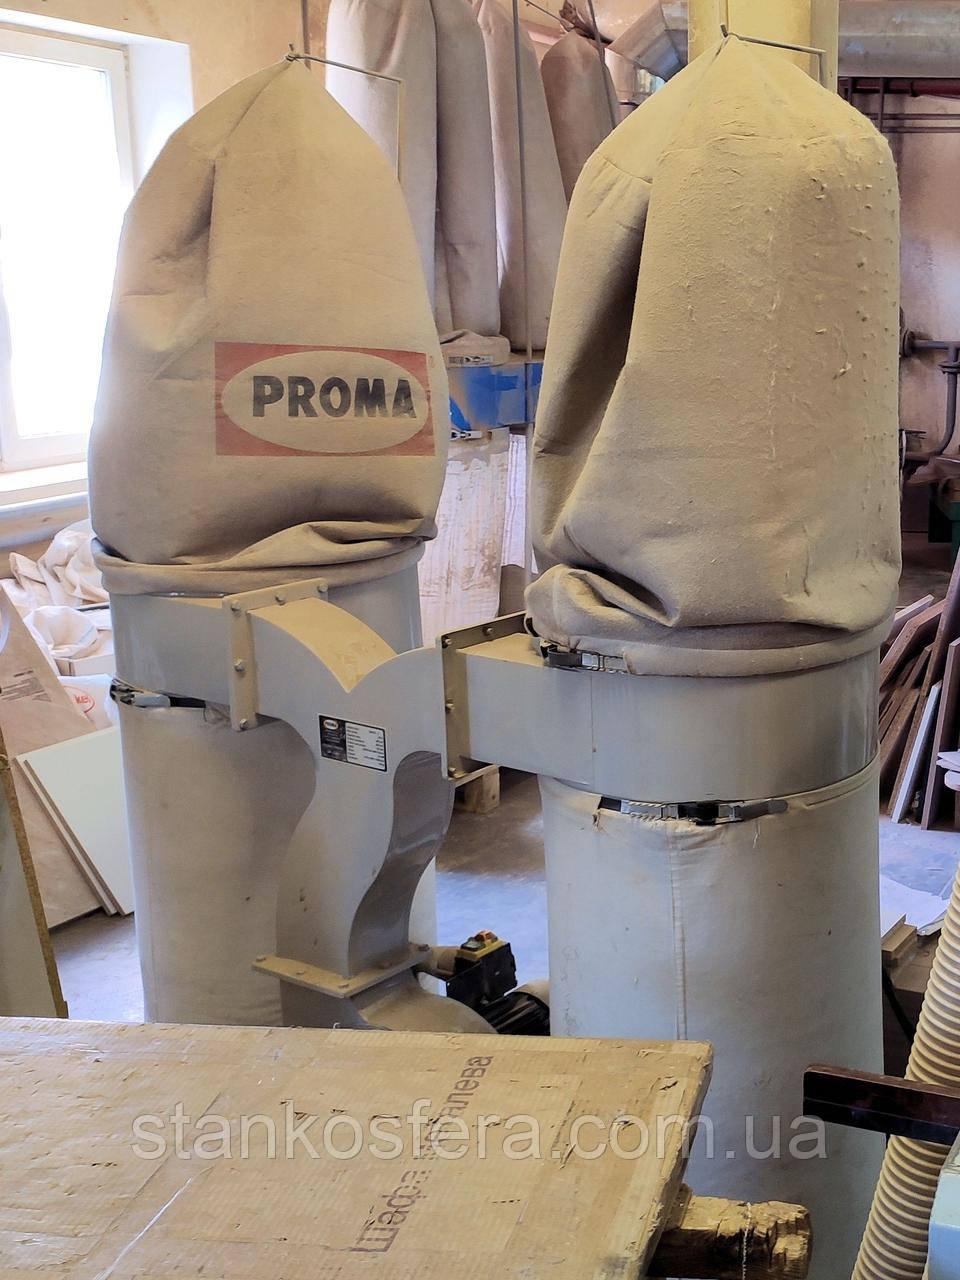 Proma OP-2200 витяжна шафа бо для видалення стружки від верстатів 2012р.